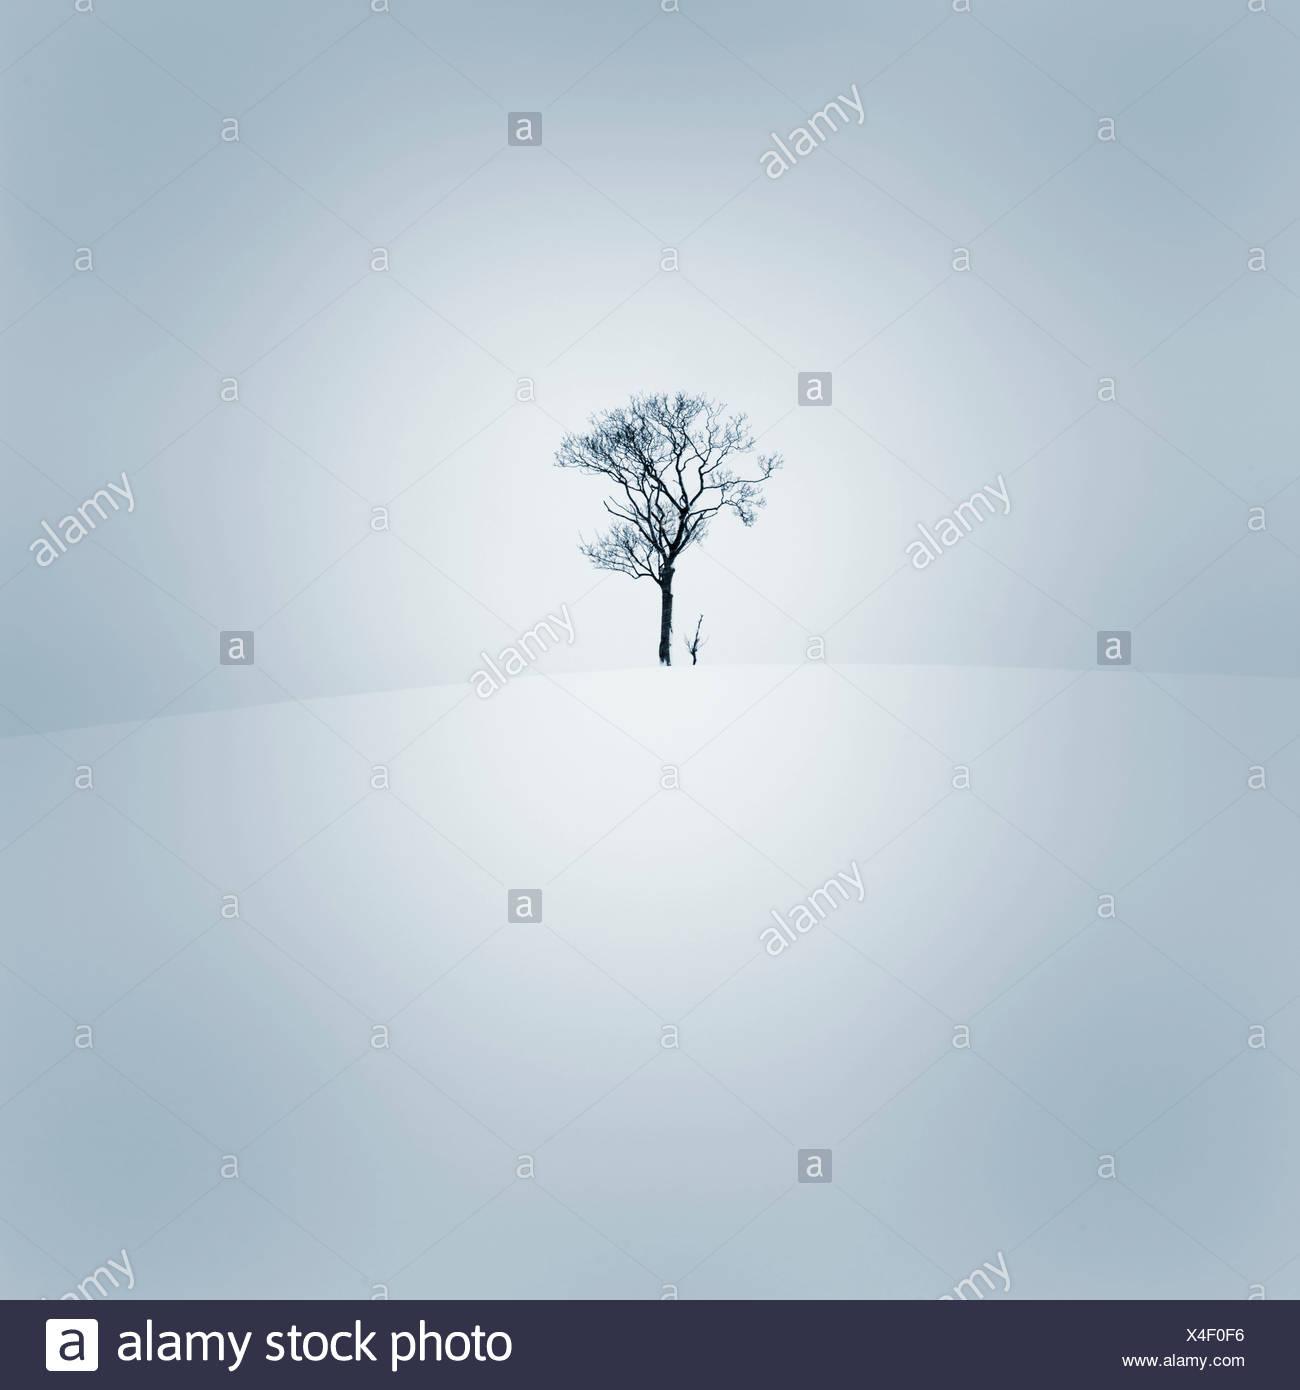 Albero solitario in presenza di neve tetro paesaggio Immagini Stock